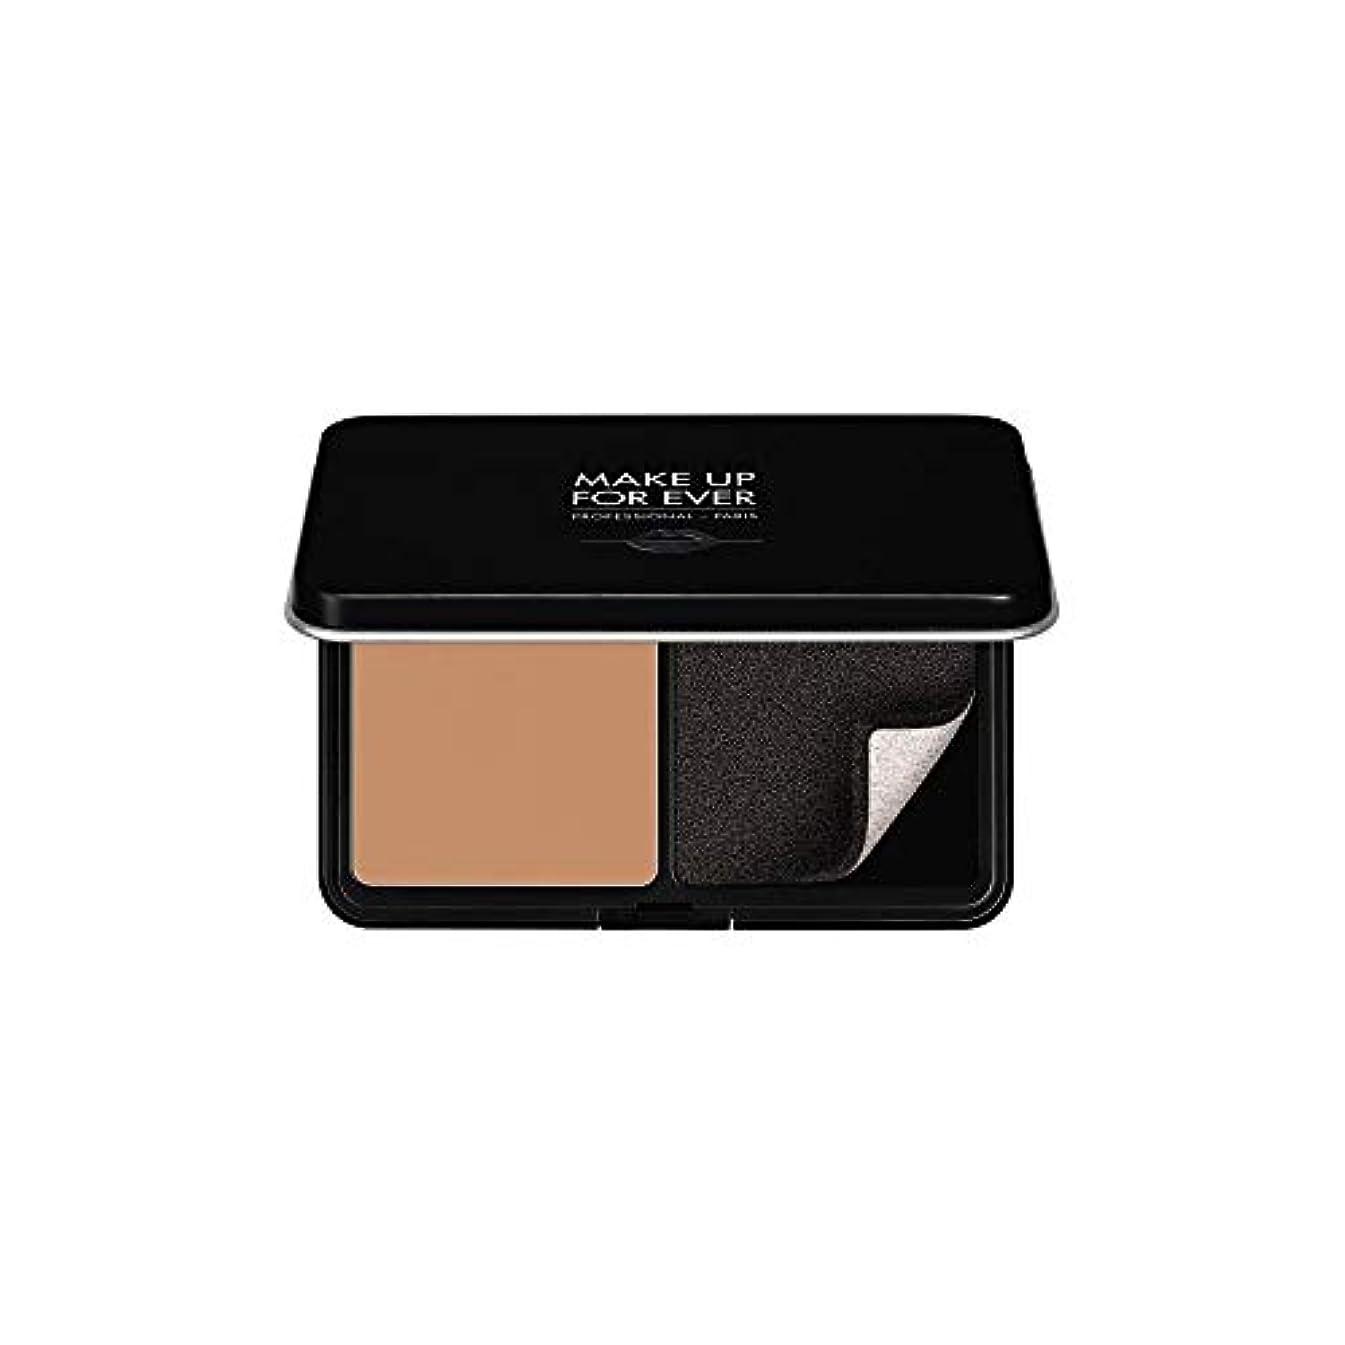 ジャーナリスト会社文言メイクアップフォーエバー Matte Velvet Skin Blurring Powder Foundation - # R410 (Golden Beige) 11g/0.38oz並行輸入品